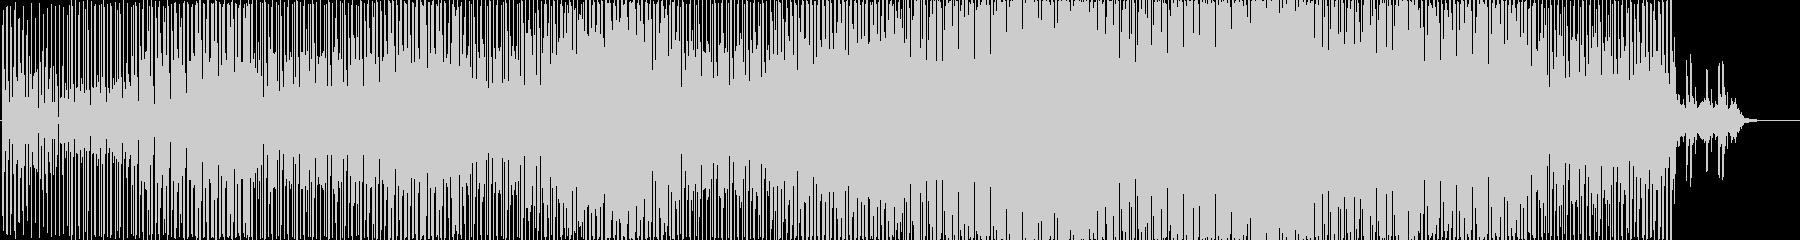 テクノ アクション 技術的な 繰り...の未再生の波形